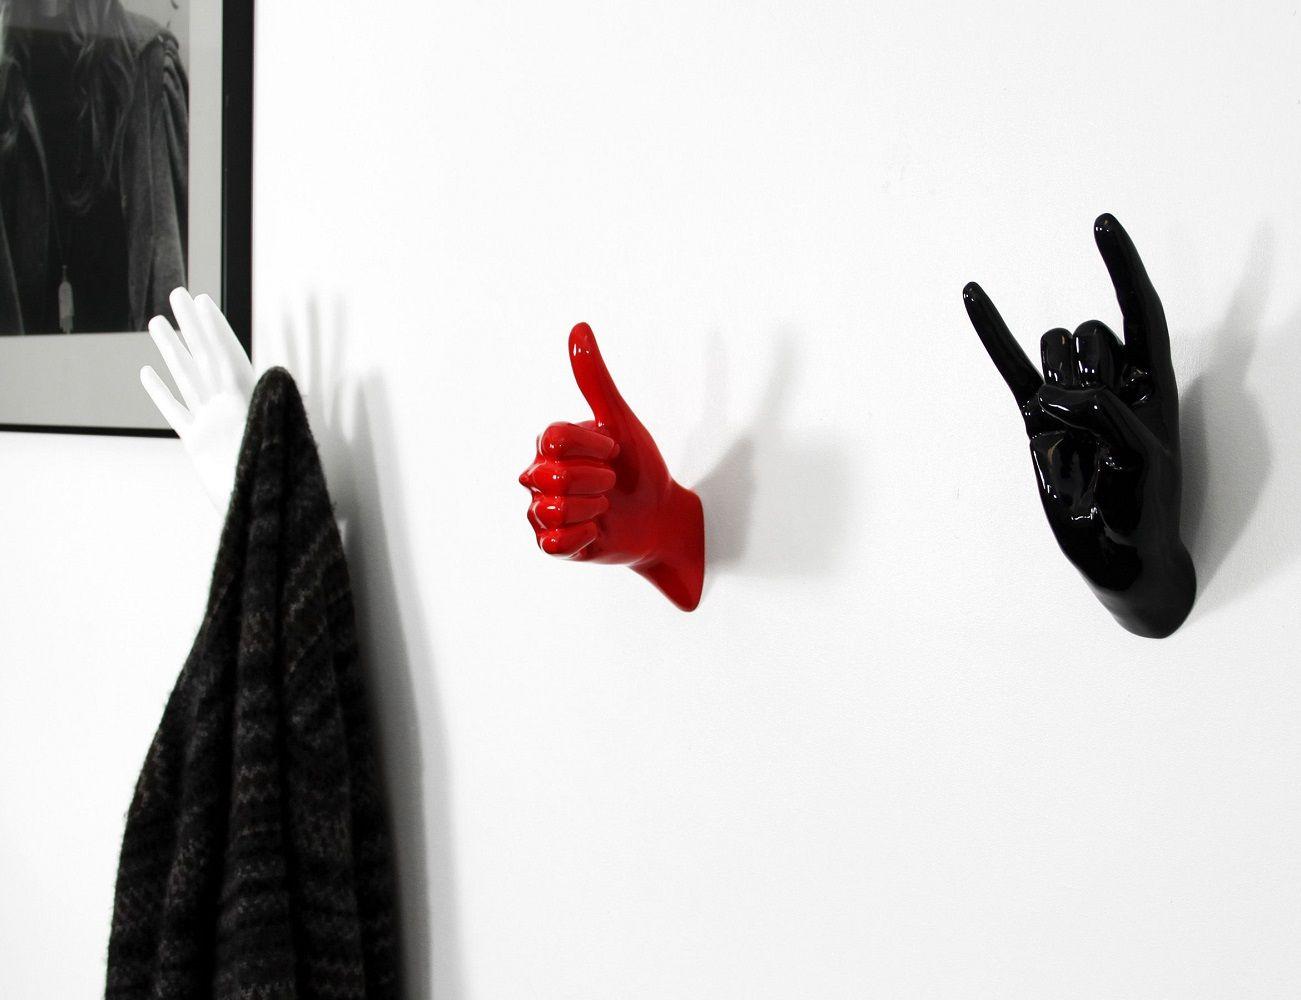 Hands DIY H/ähnchenschenkelhalter St/änder Gestell Set f/ür Grill oder Backofen inkl Auffangschale Edelstahl Gefl/ügelhalter f/ür 14 Schenkel Robust und Hochwertig